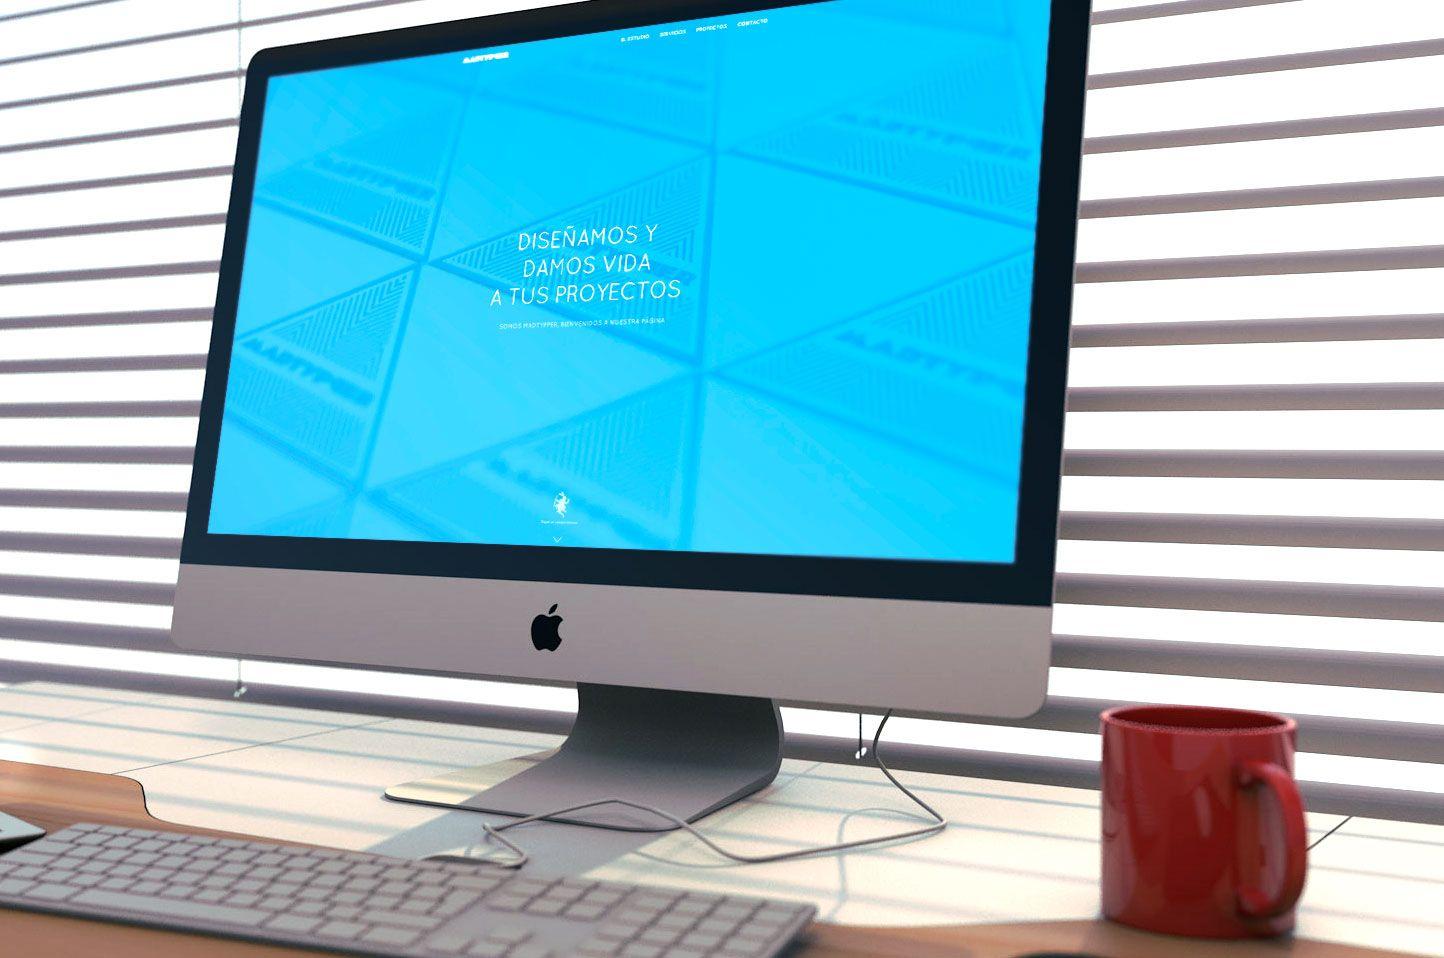 Estrenamos nuevo website, con contenidos actualizados y un diseño 100% responsive #webdesign #graphicdesign #responsivedesign